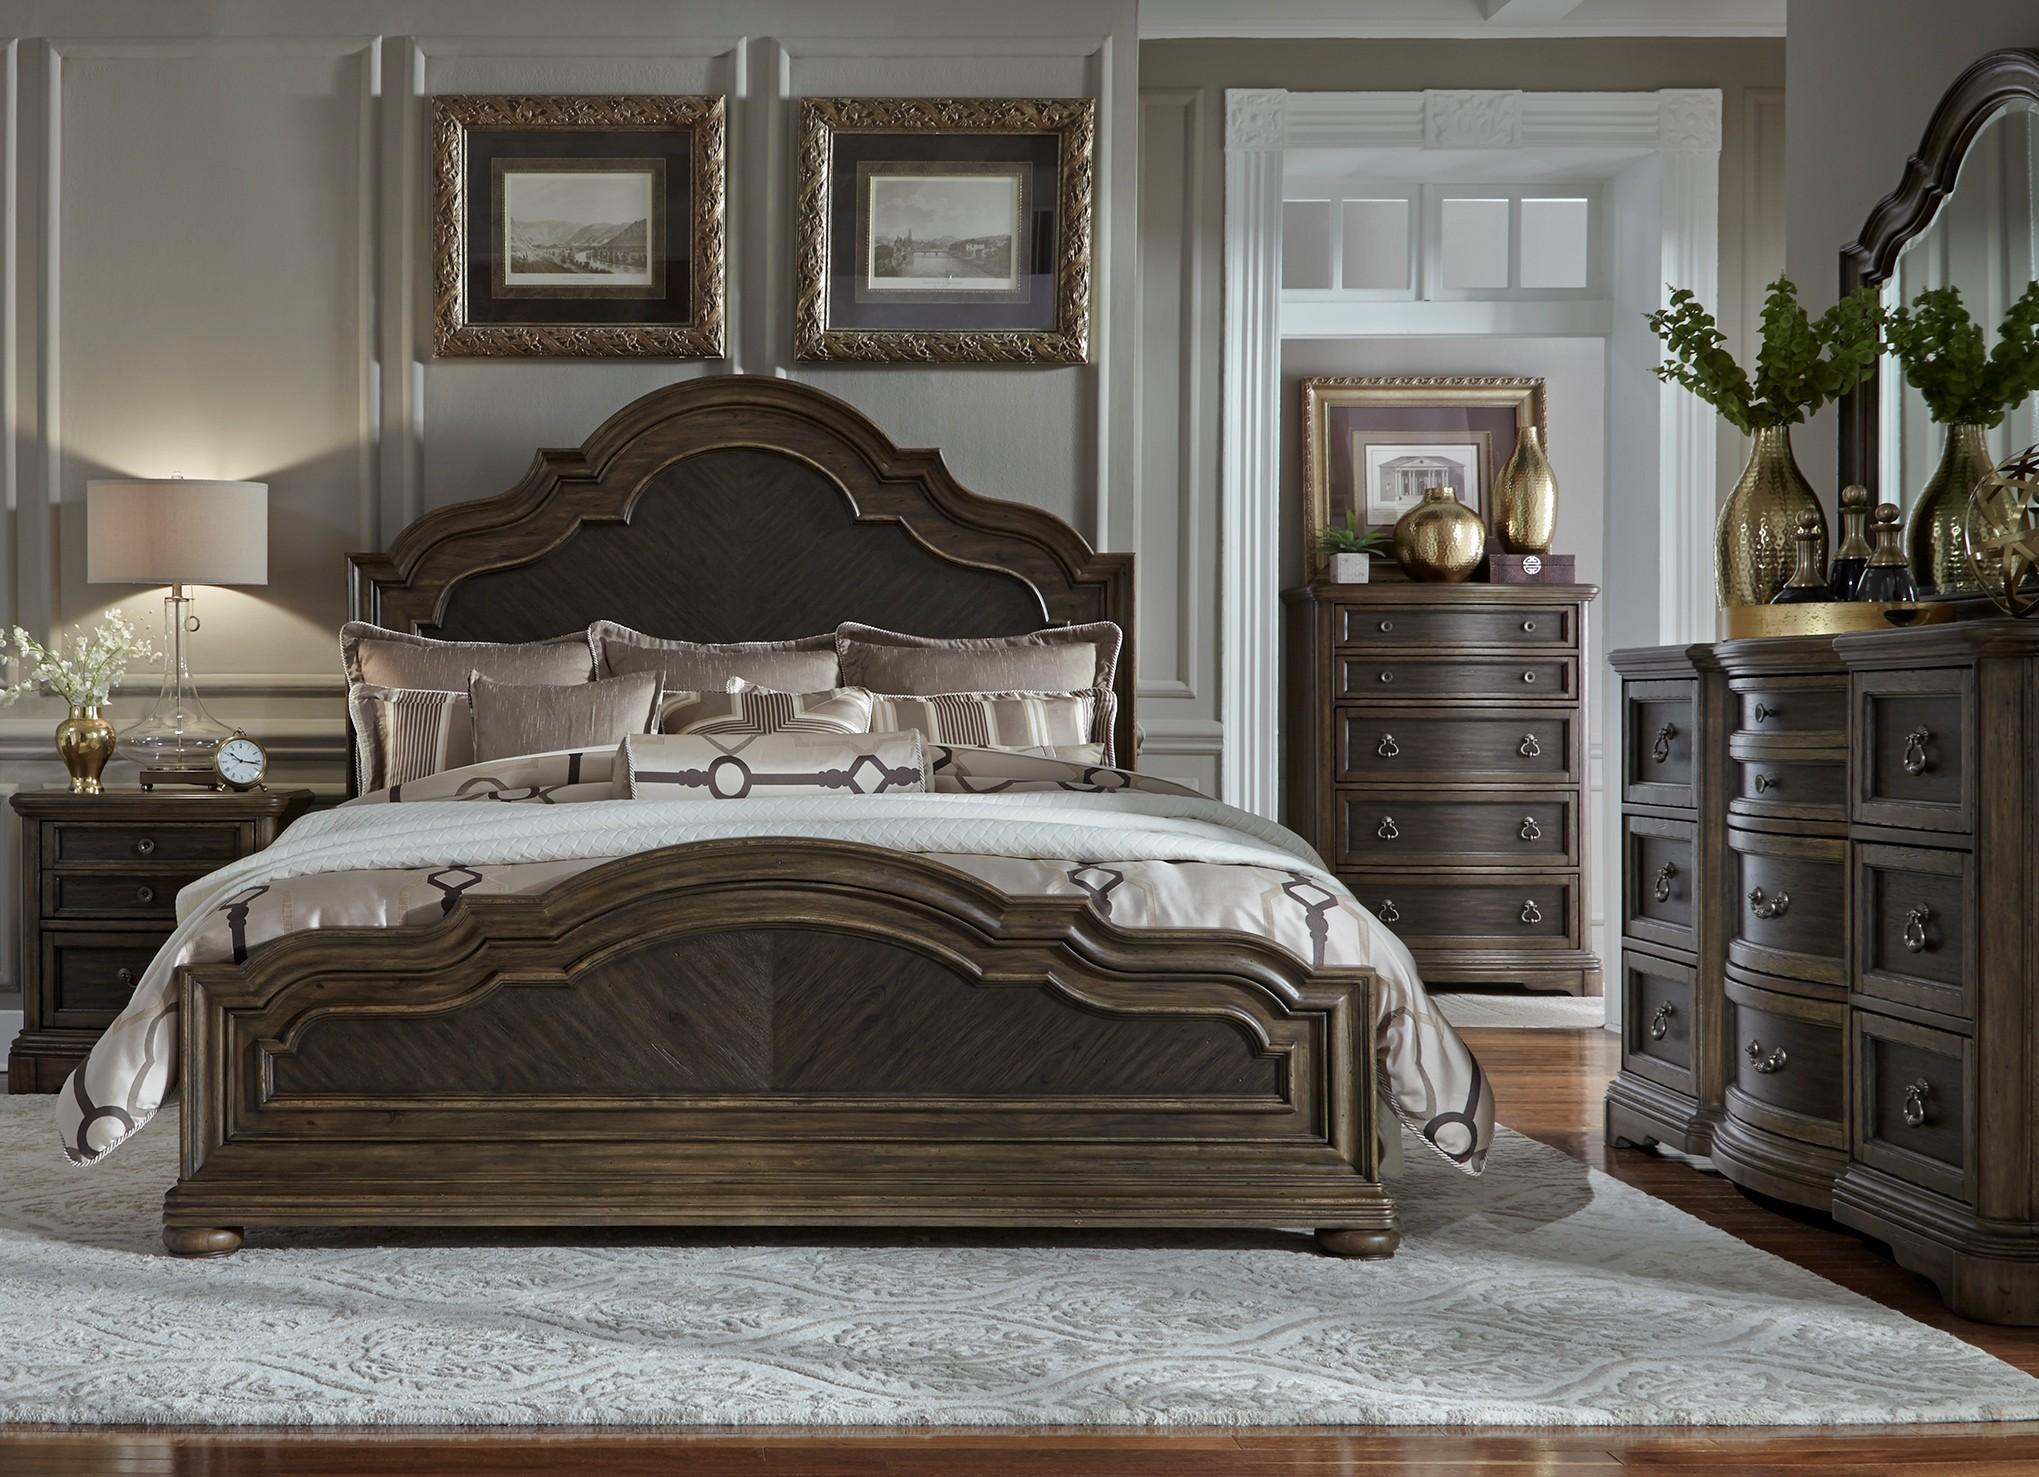 Valley Springs Brown and Beige Panel Bedroom Set